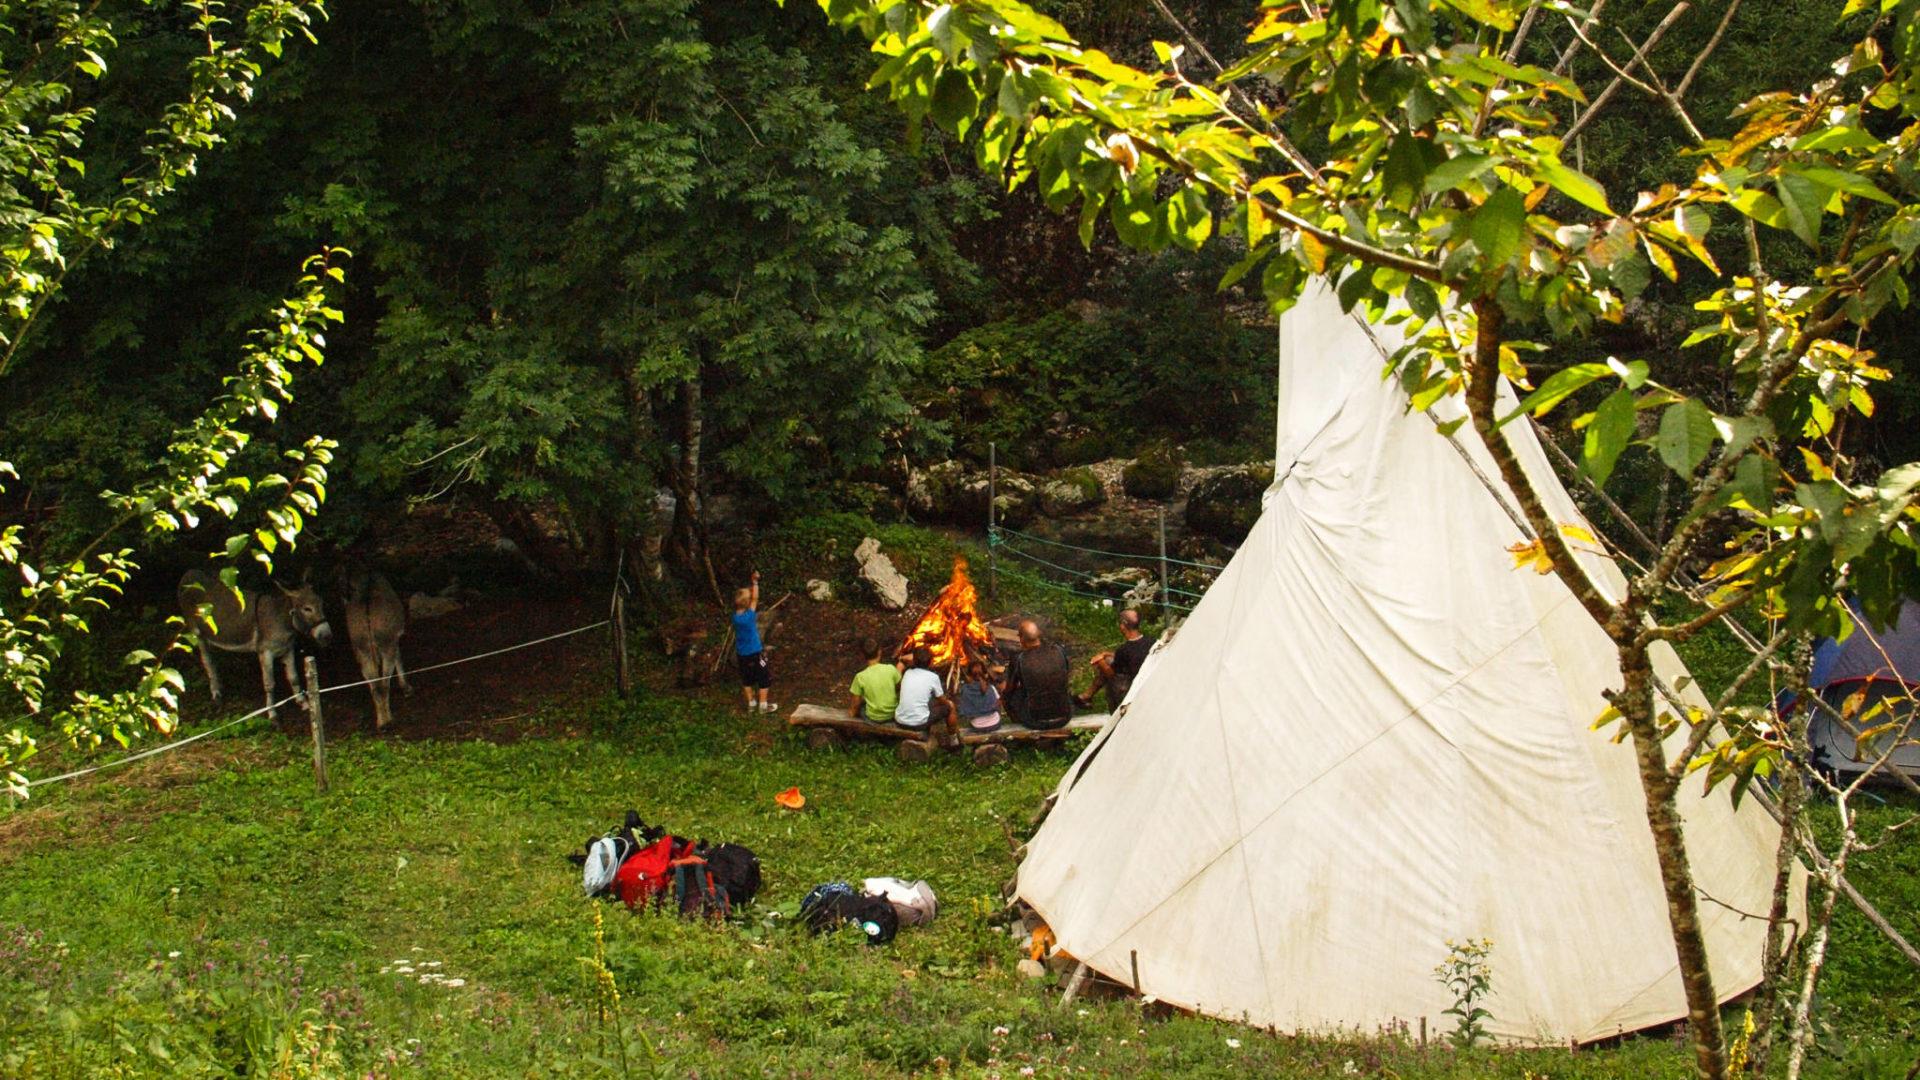 En famille en Chartreuse, bivouac au bord de la rivière